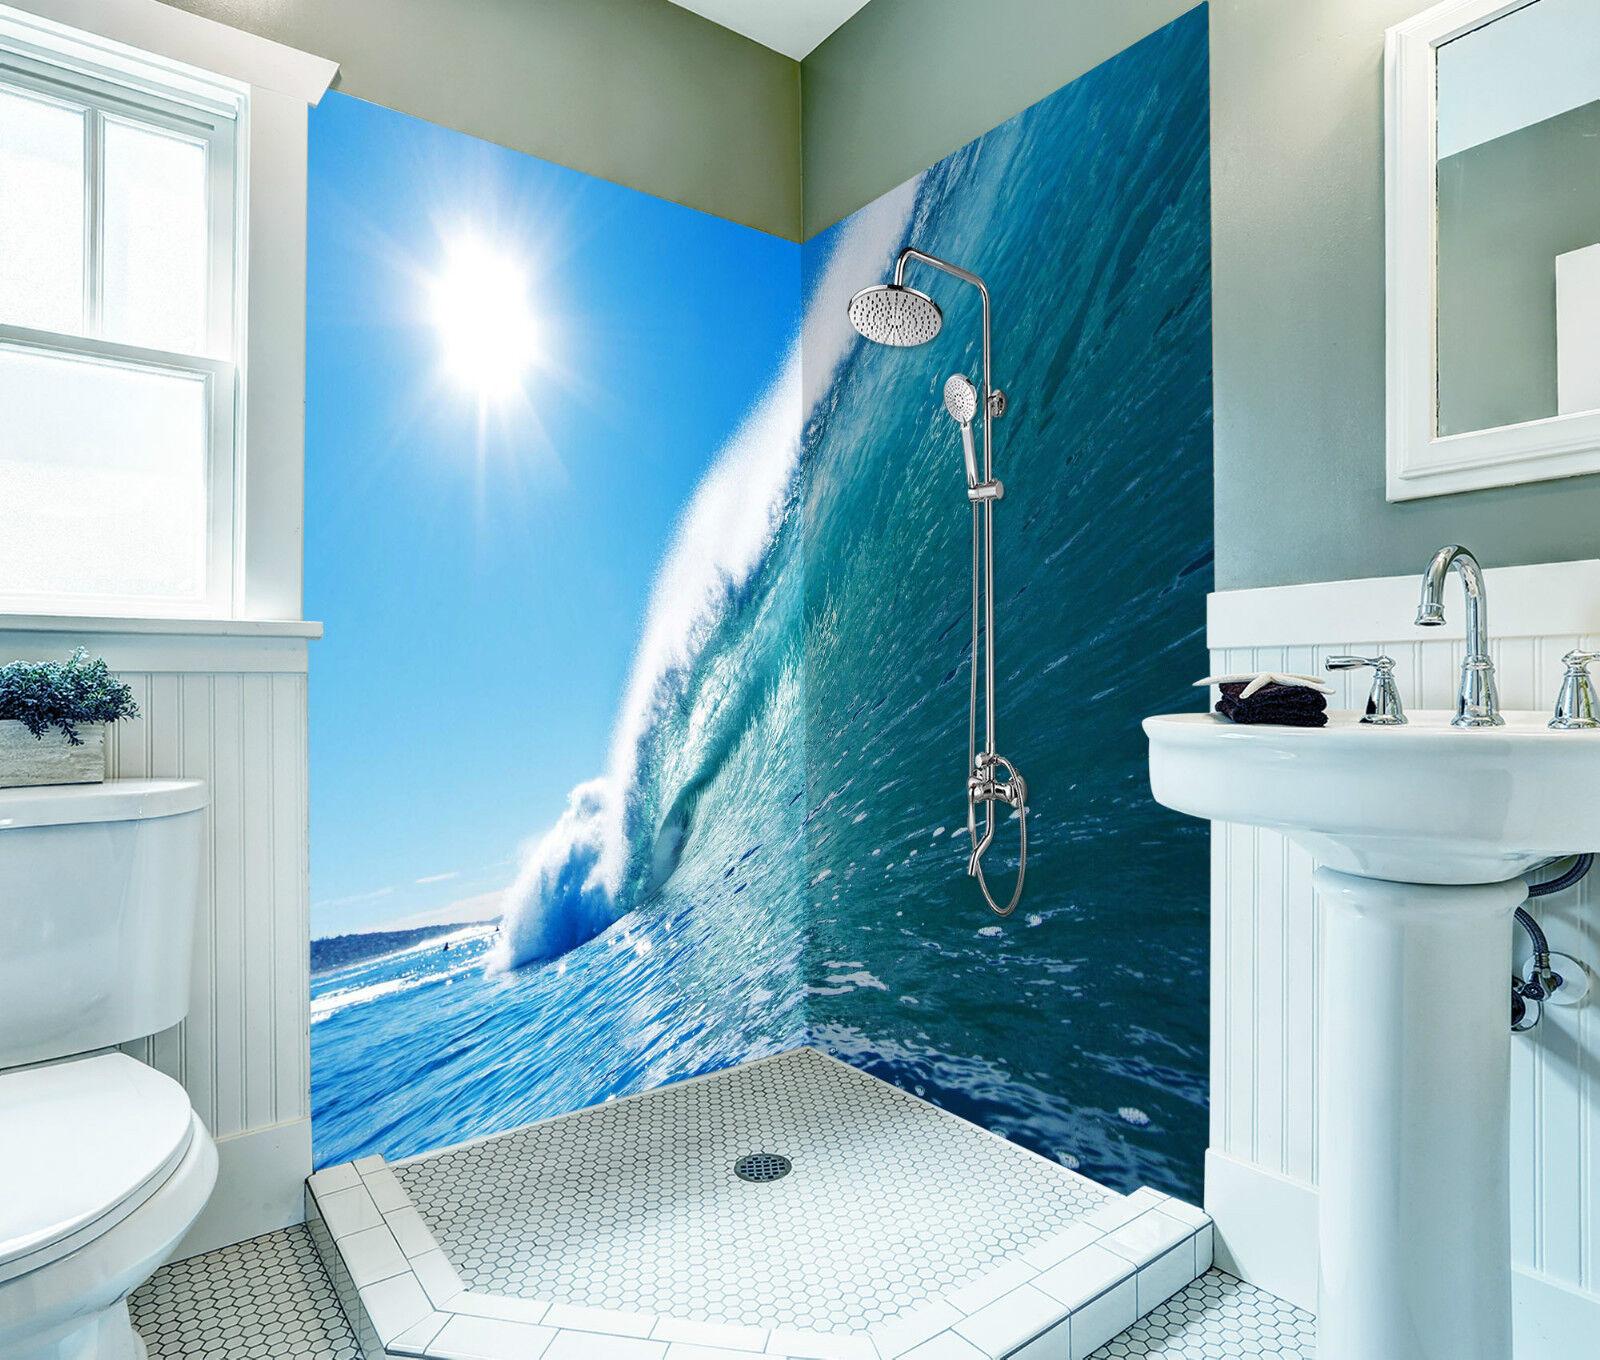 3D Sea Huge Wave 089 WallPaper Bathroom Print Decal Wall Deco AJ WALLPAPER CA